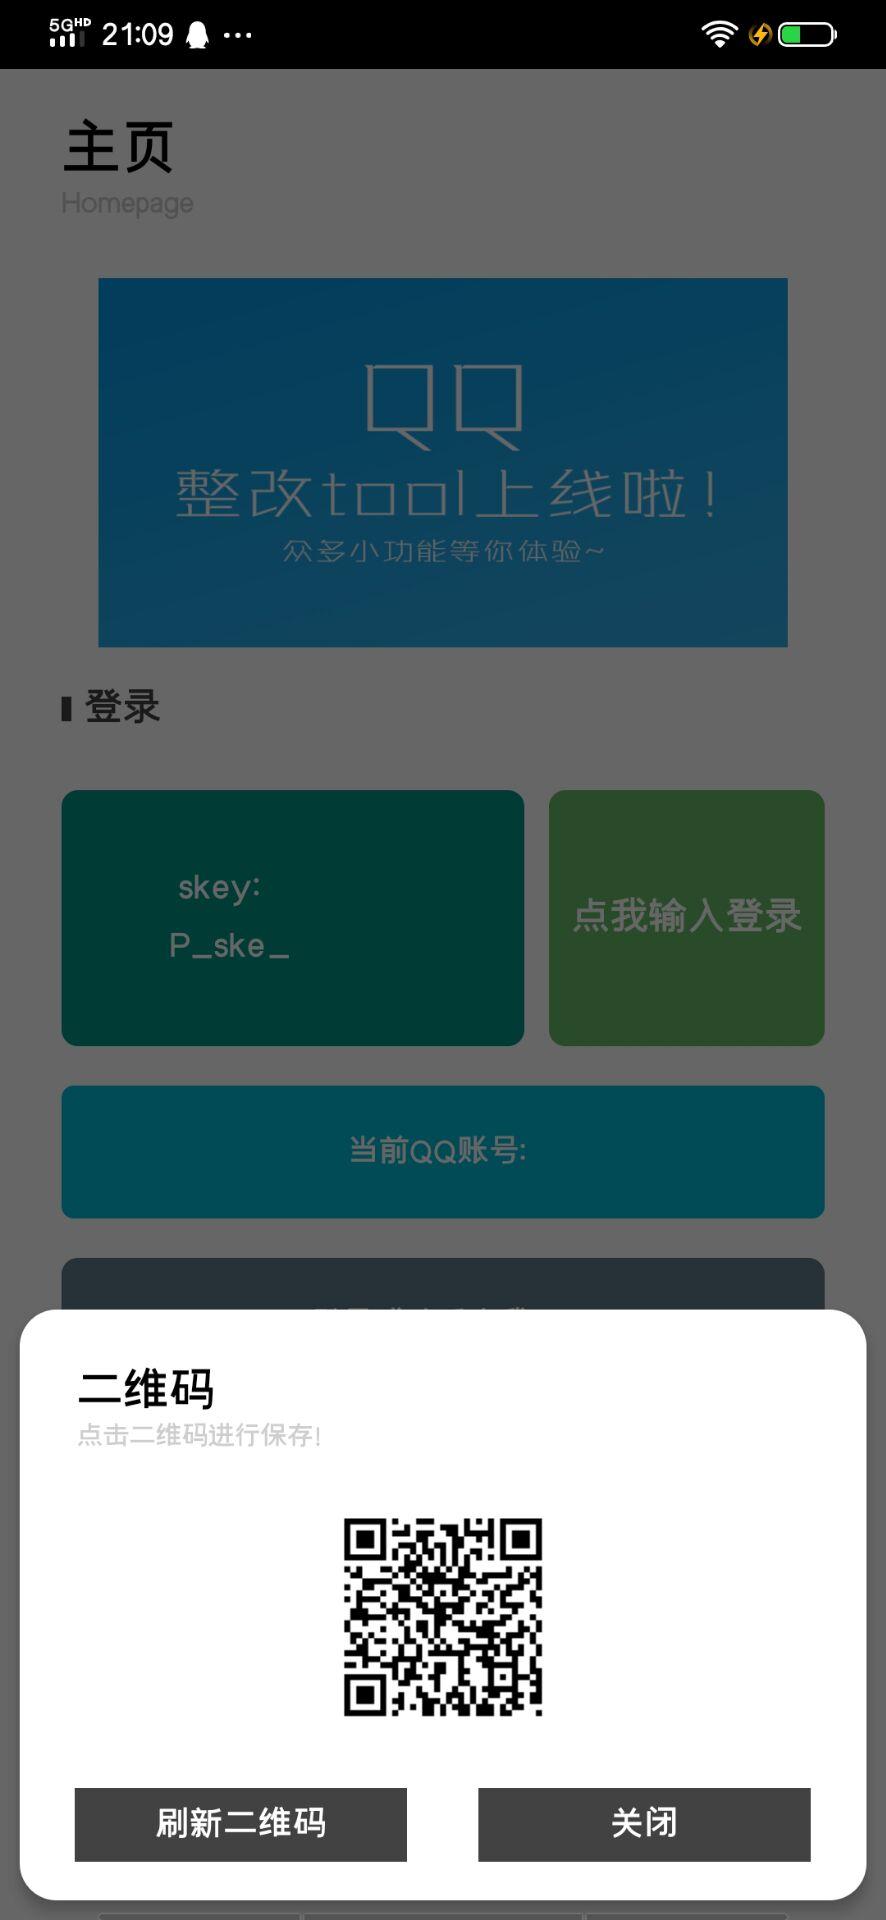 【原创软件】Skey权限v2.0修改好友的QQ信息哦~